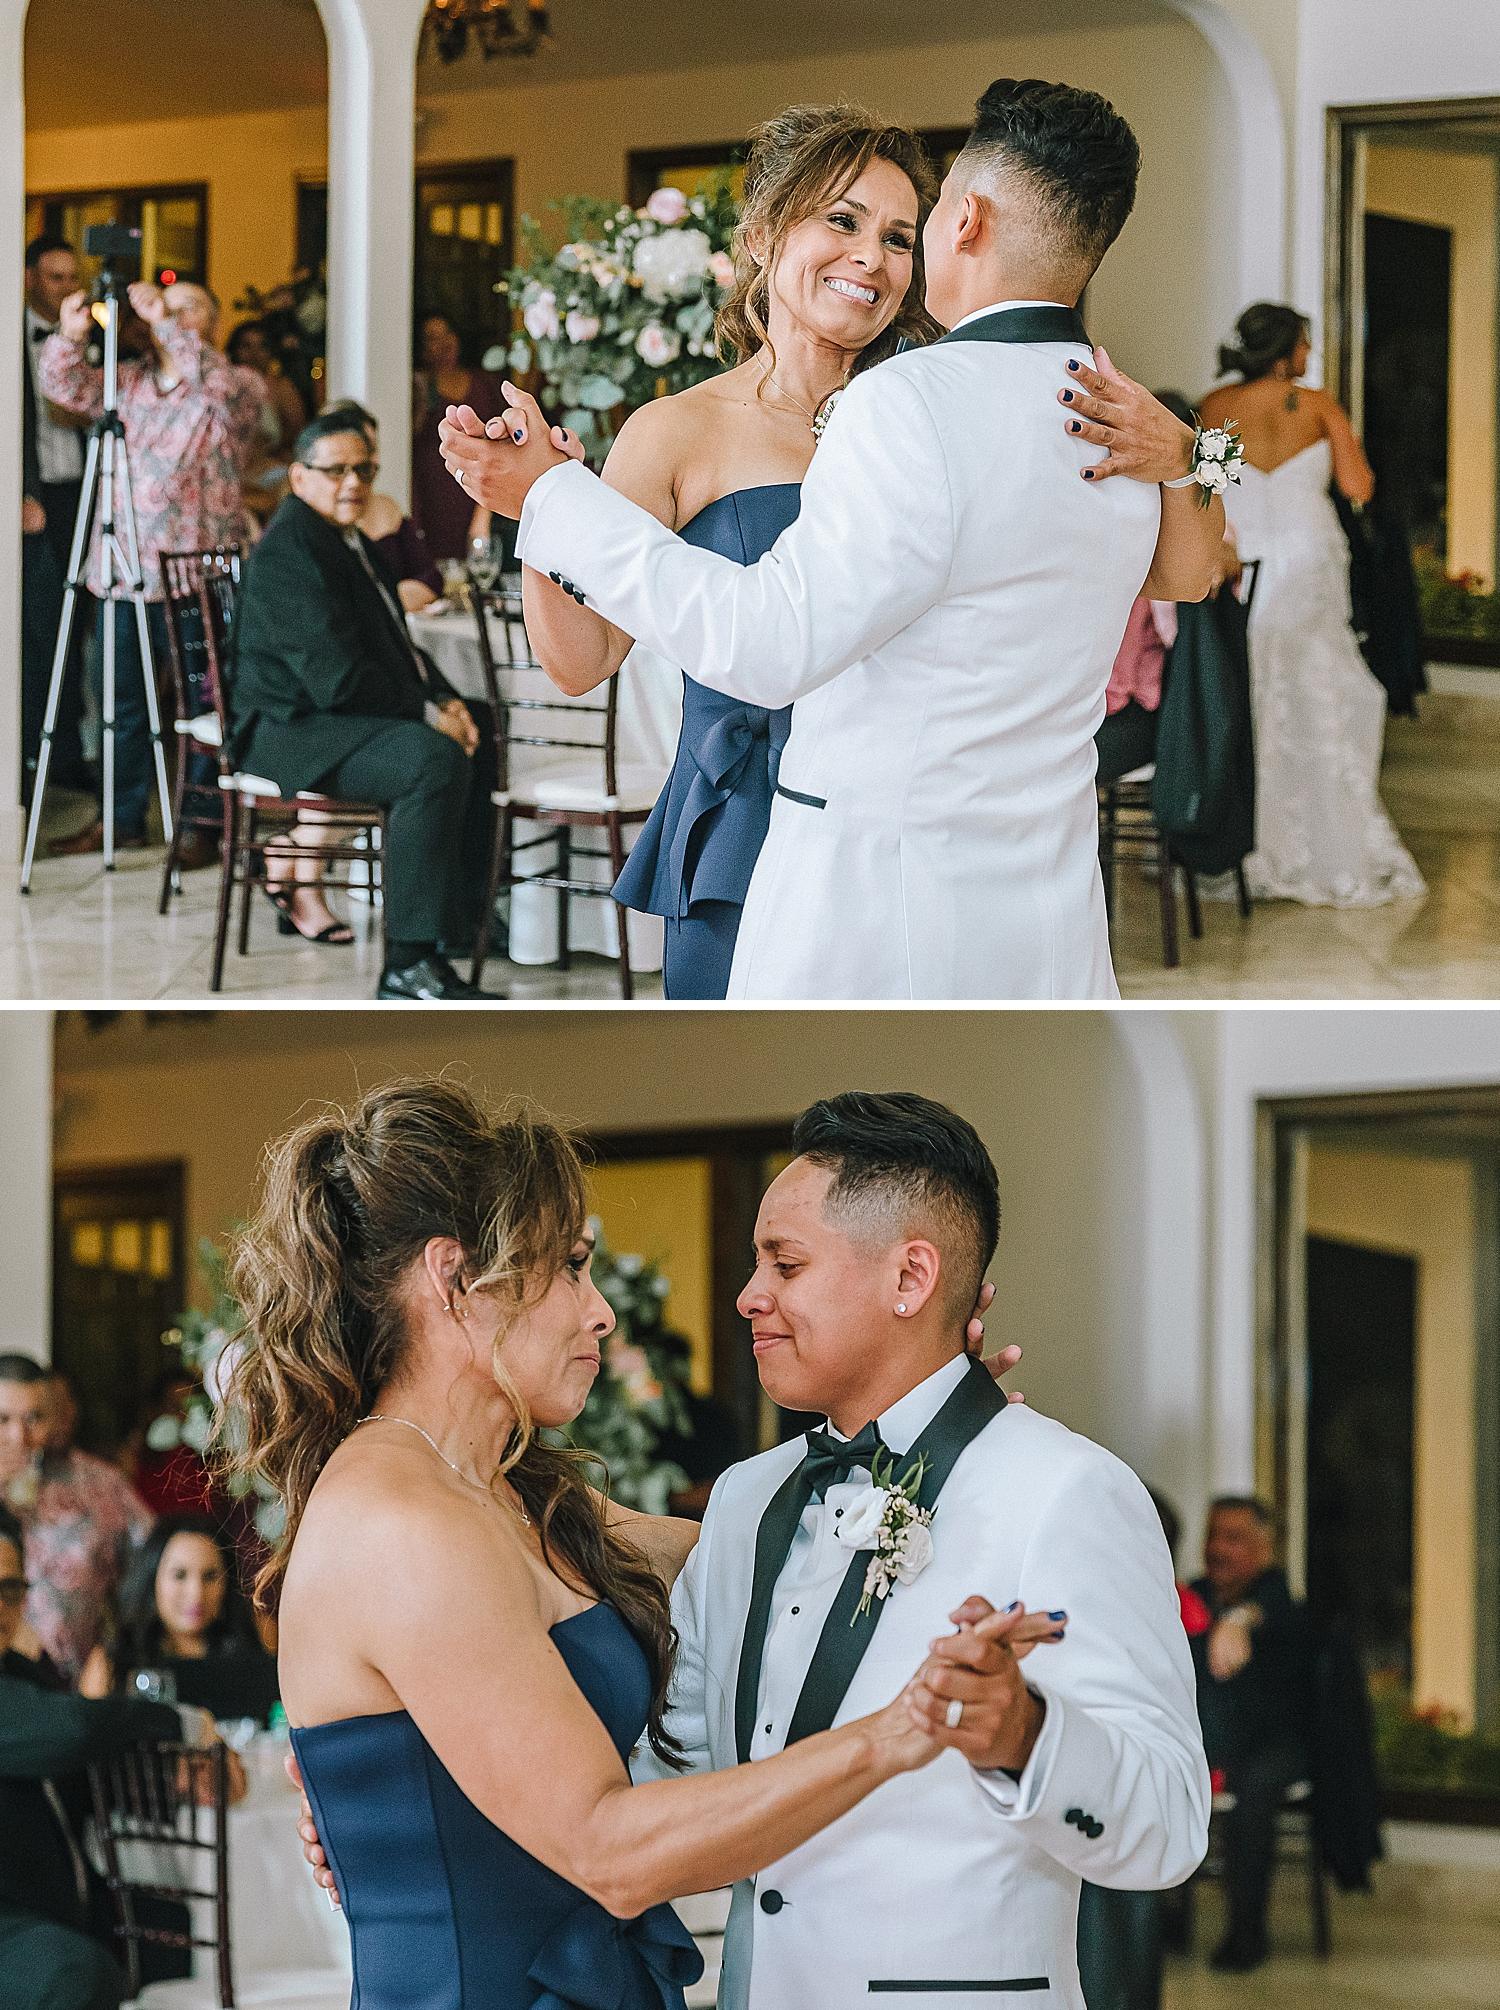 Carly-Barton-Photography-The-Villa-at-Cielo-Vista-Blush-Gold-White-Wedding-Photos_0022.jpg